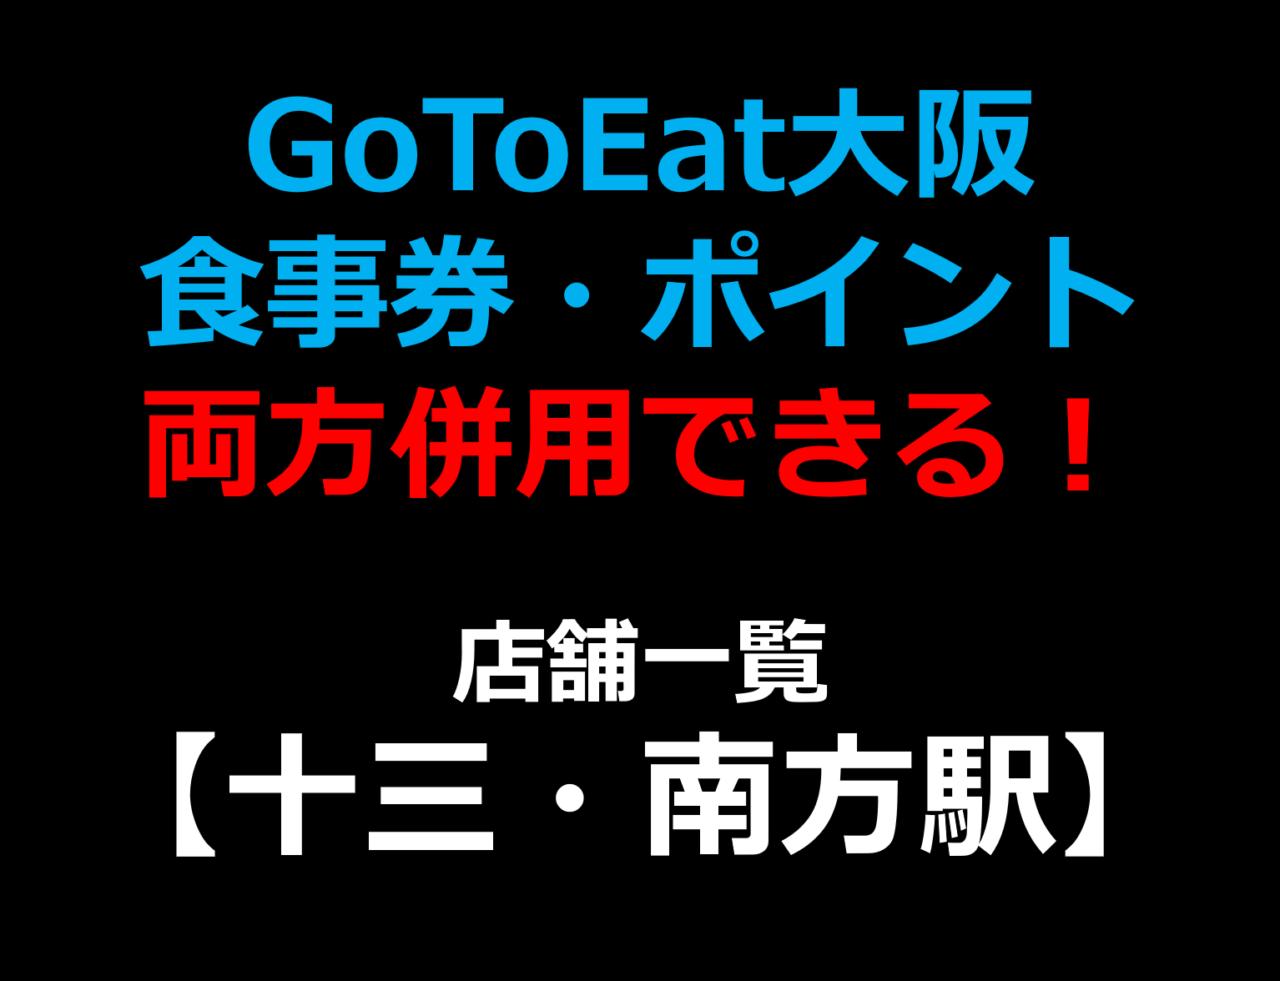 GoToEat大阪で食事券・予約サイトのポイント両方併用できる!使える!店舗一覧 【十三・南方駅】